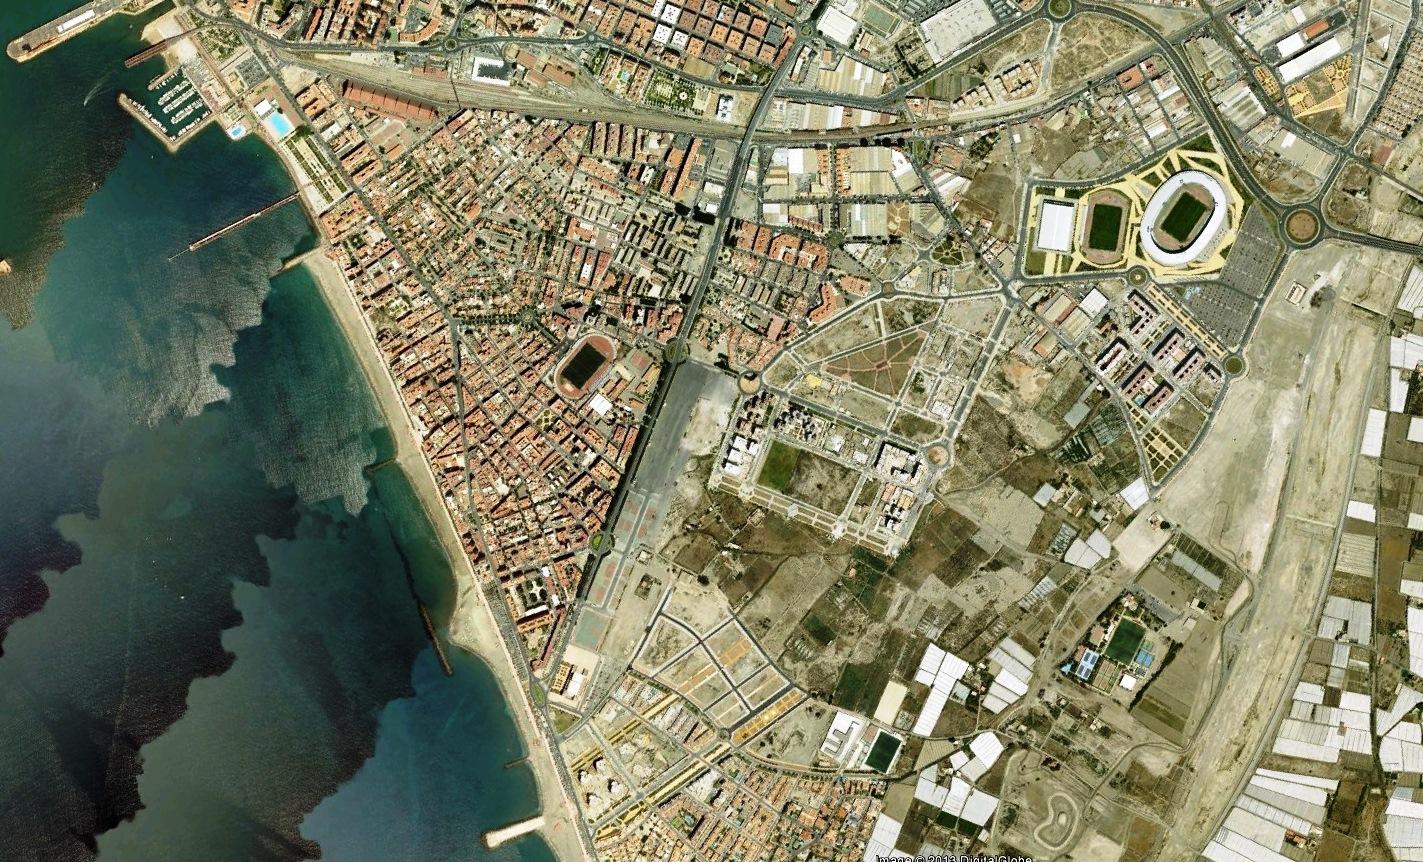 después, urbanismo, foto aérea,desastre, urbanístico, planeamiento, urbano, construcción,  Almería, Toblerone